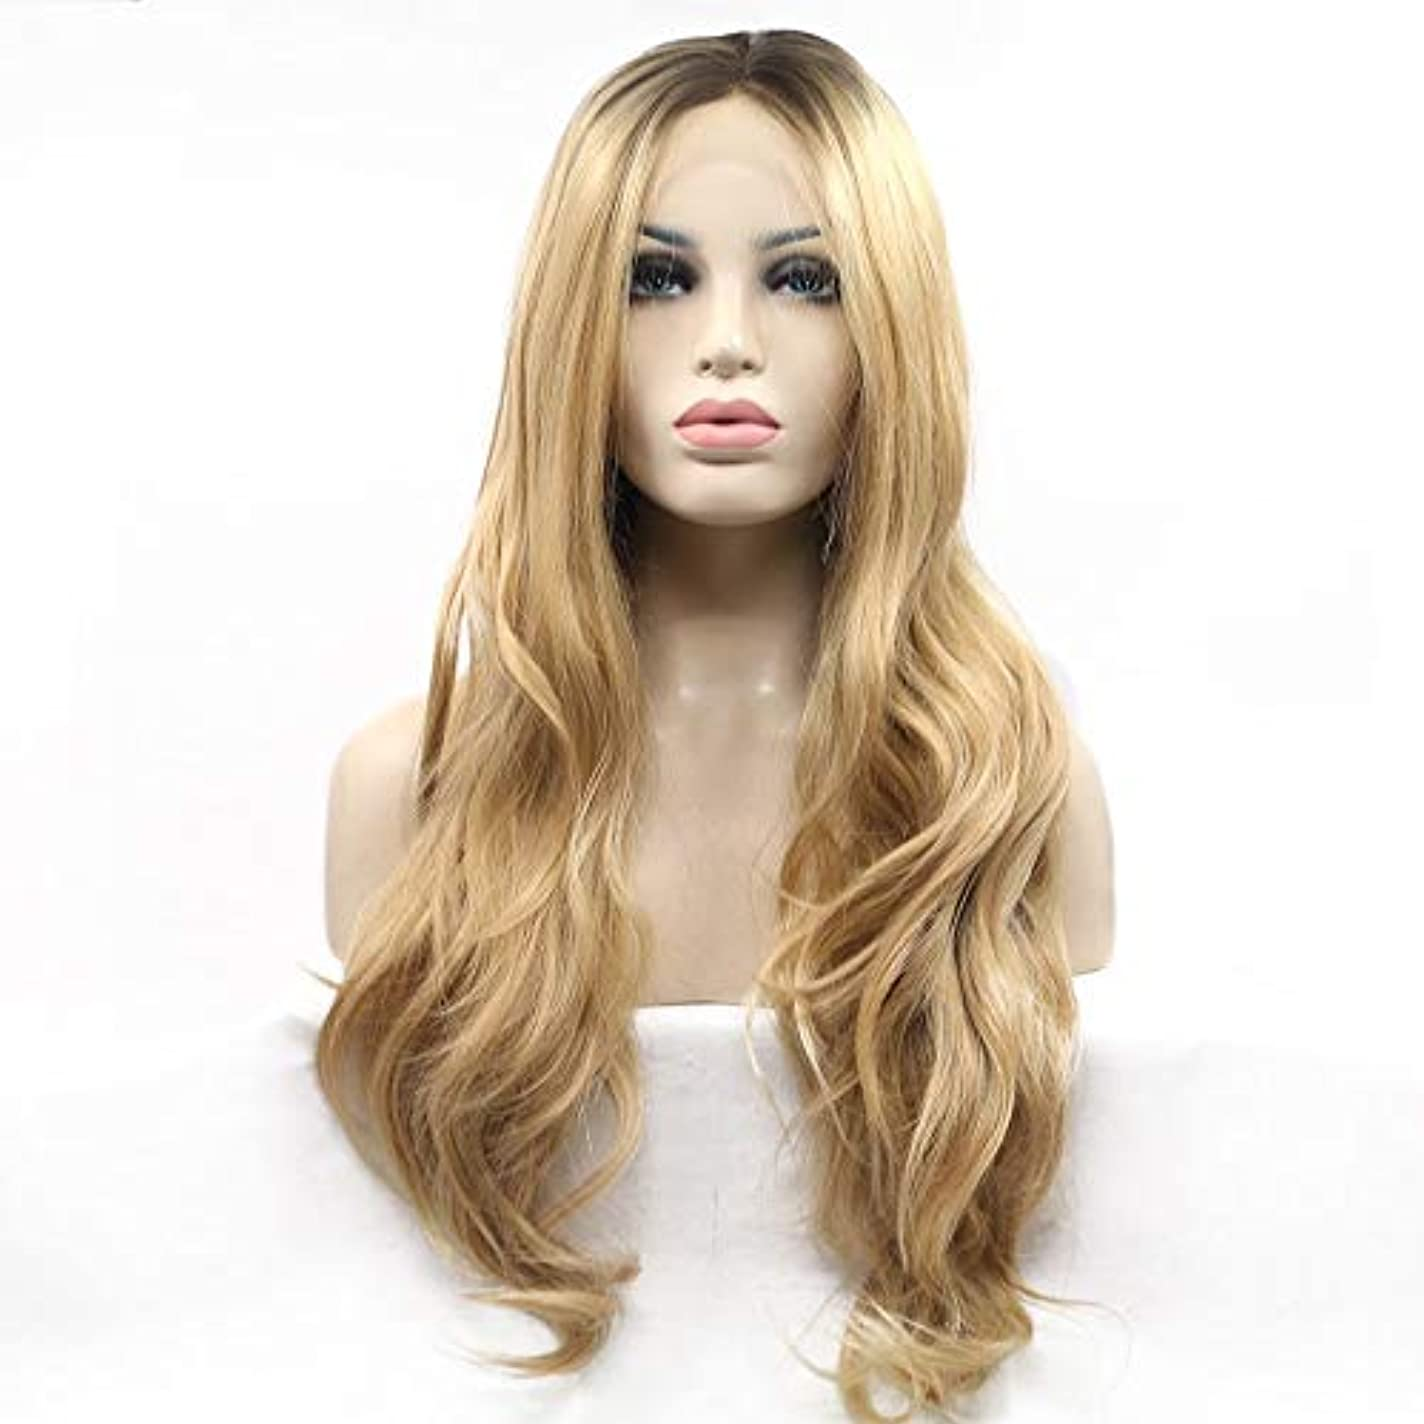 枢機卿見捨てる簡単にヘアピース 女性のヨーロッパとアメリカの自然なかつら髪セットイエロー-ビッグウェーブ-長い髪